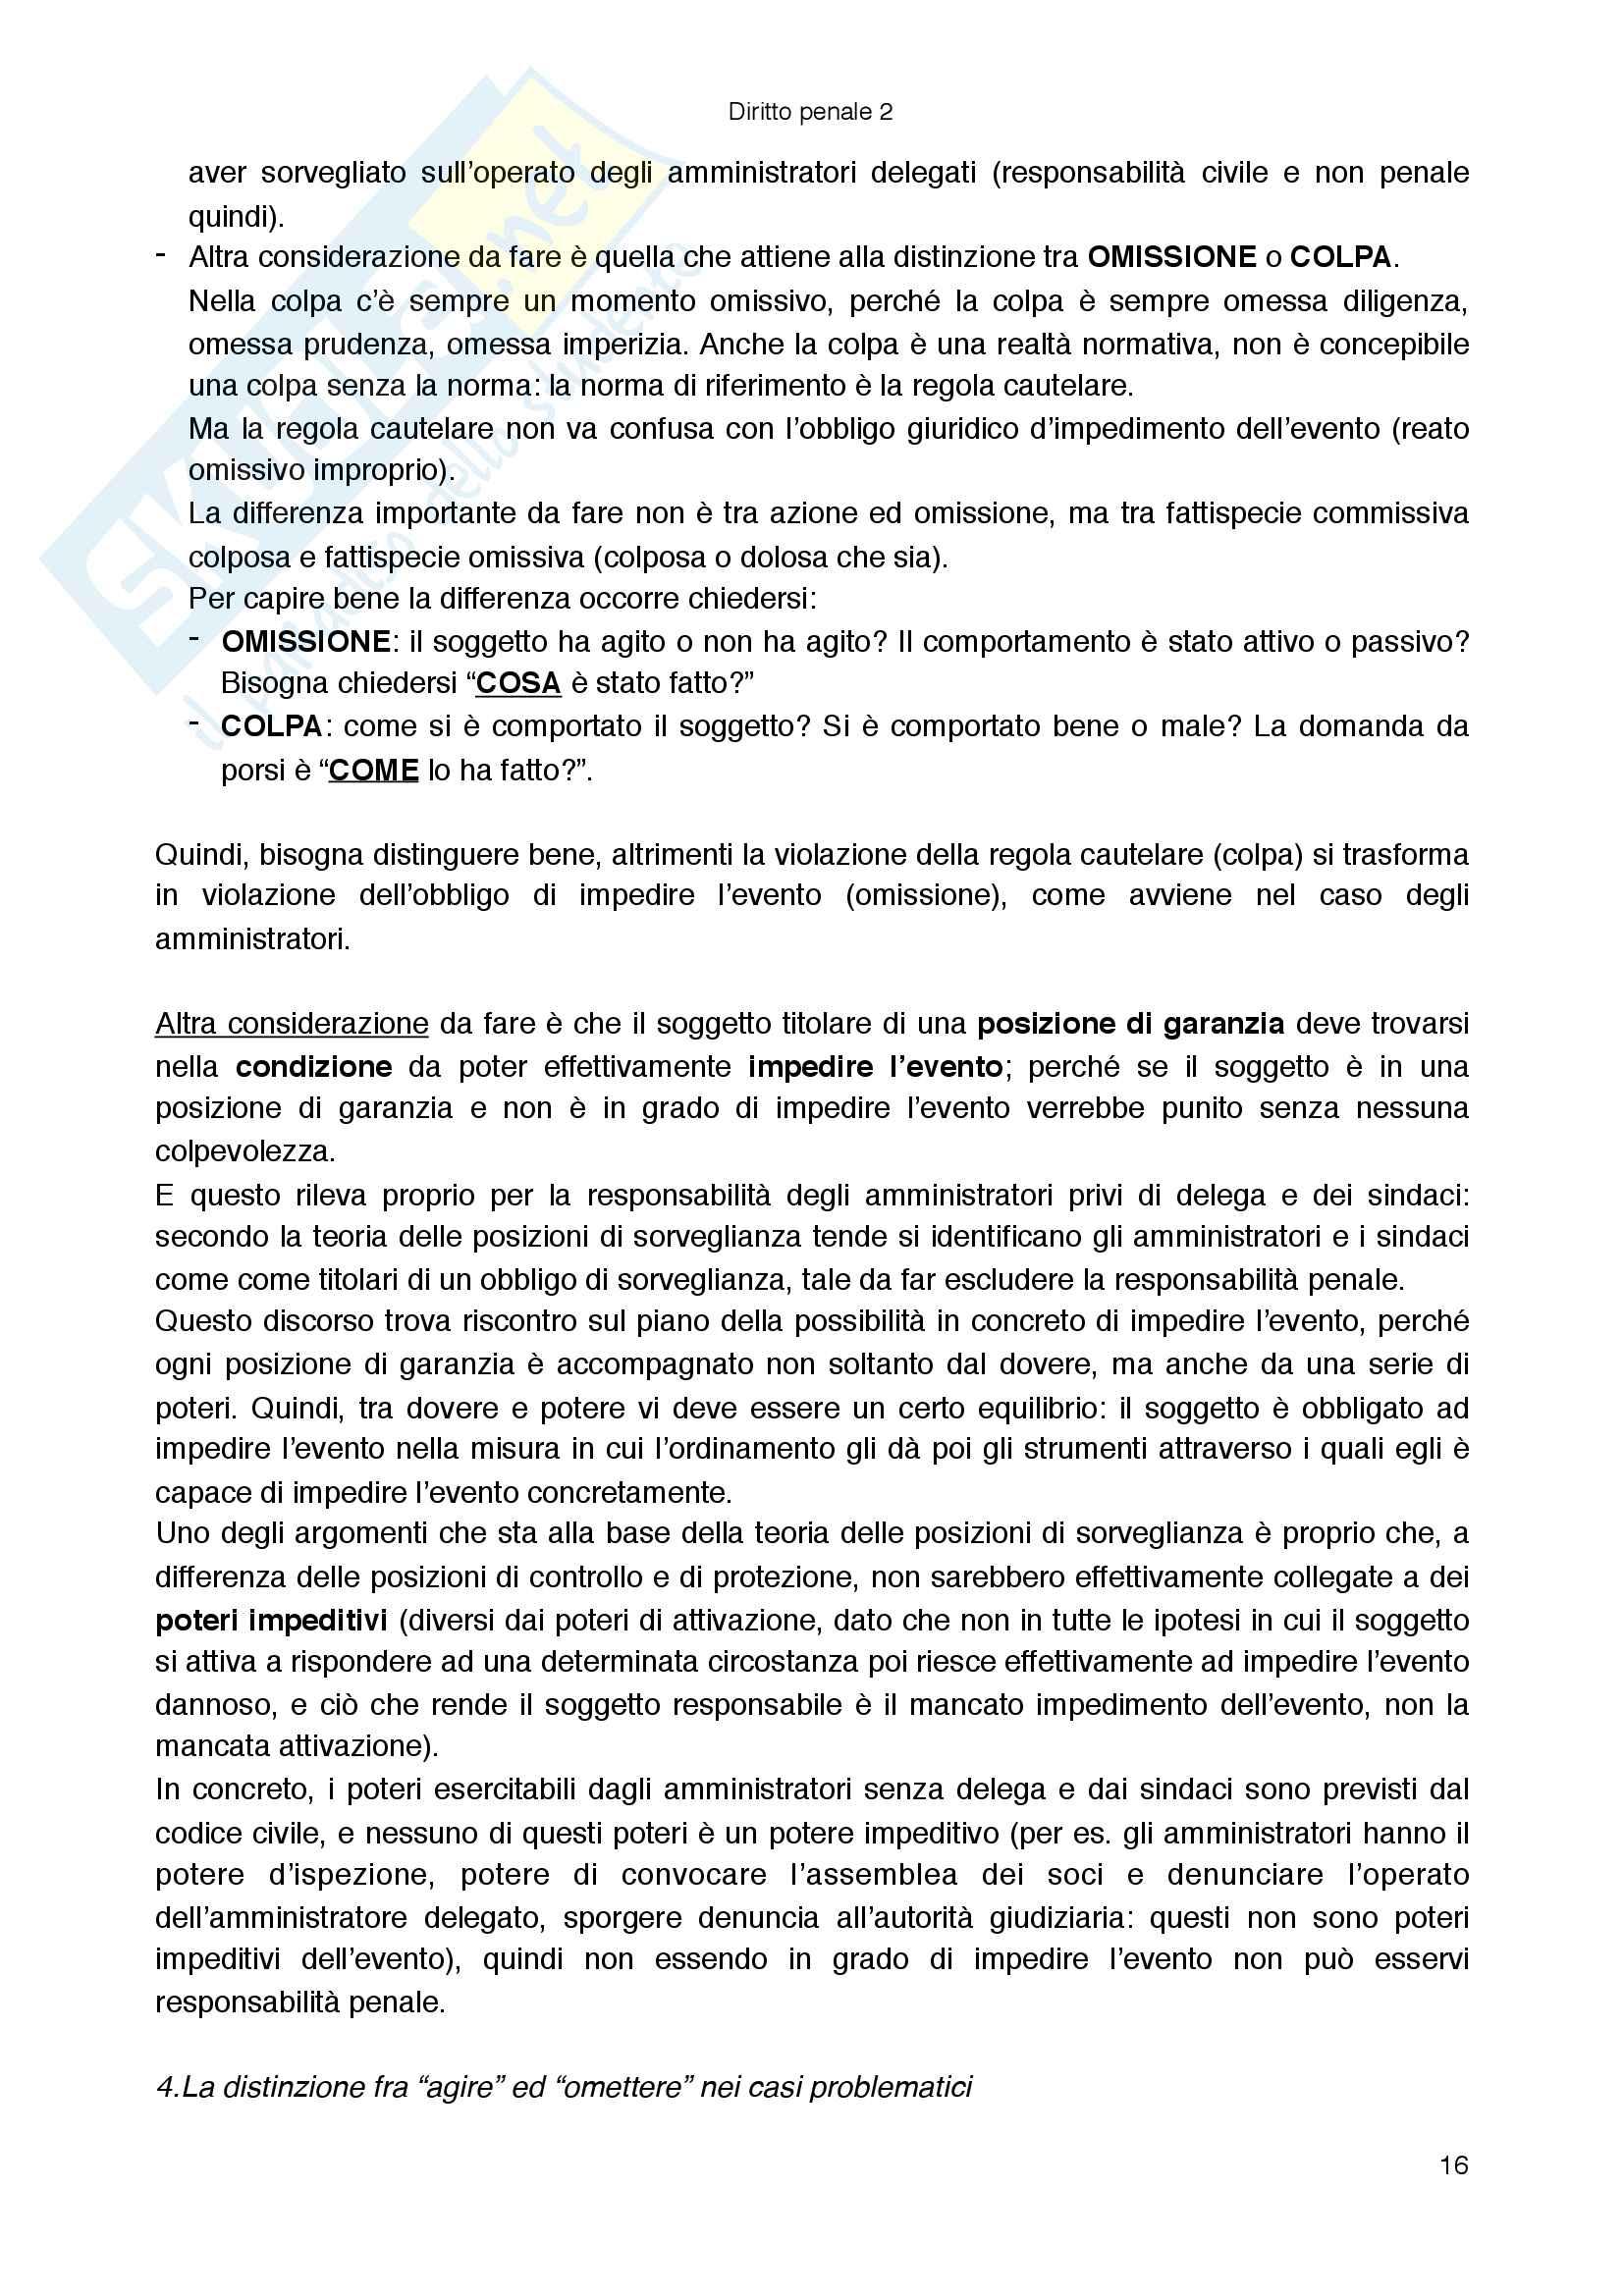 Riassunto per l'esame di diritto penale 1, testo consigliato Diritto penale Parte generale, Fiandaca, Musco Pag. 16